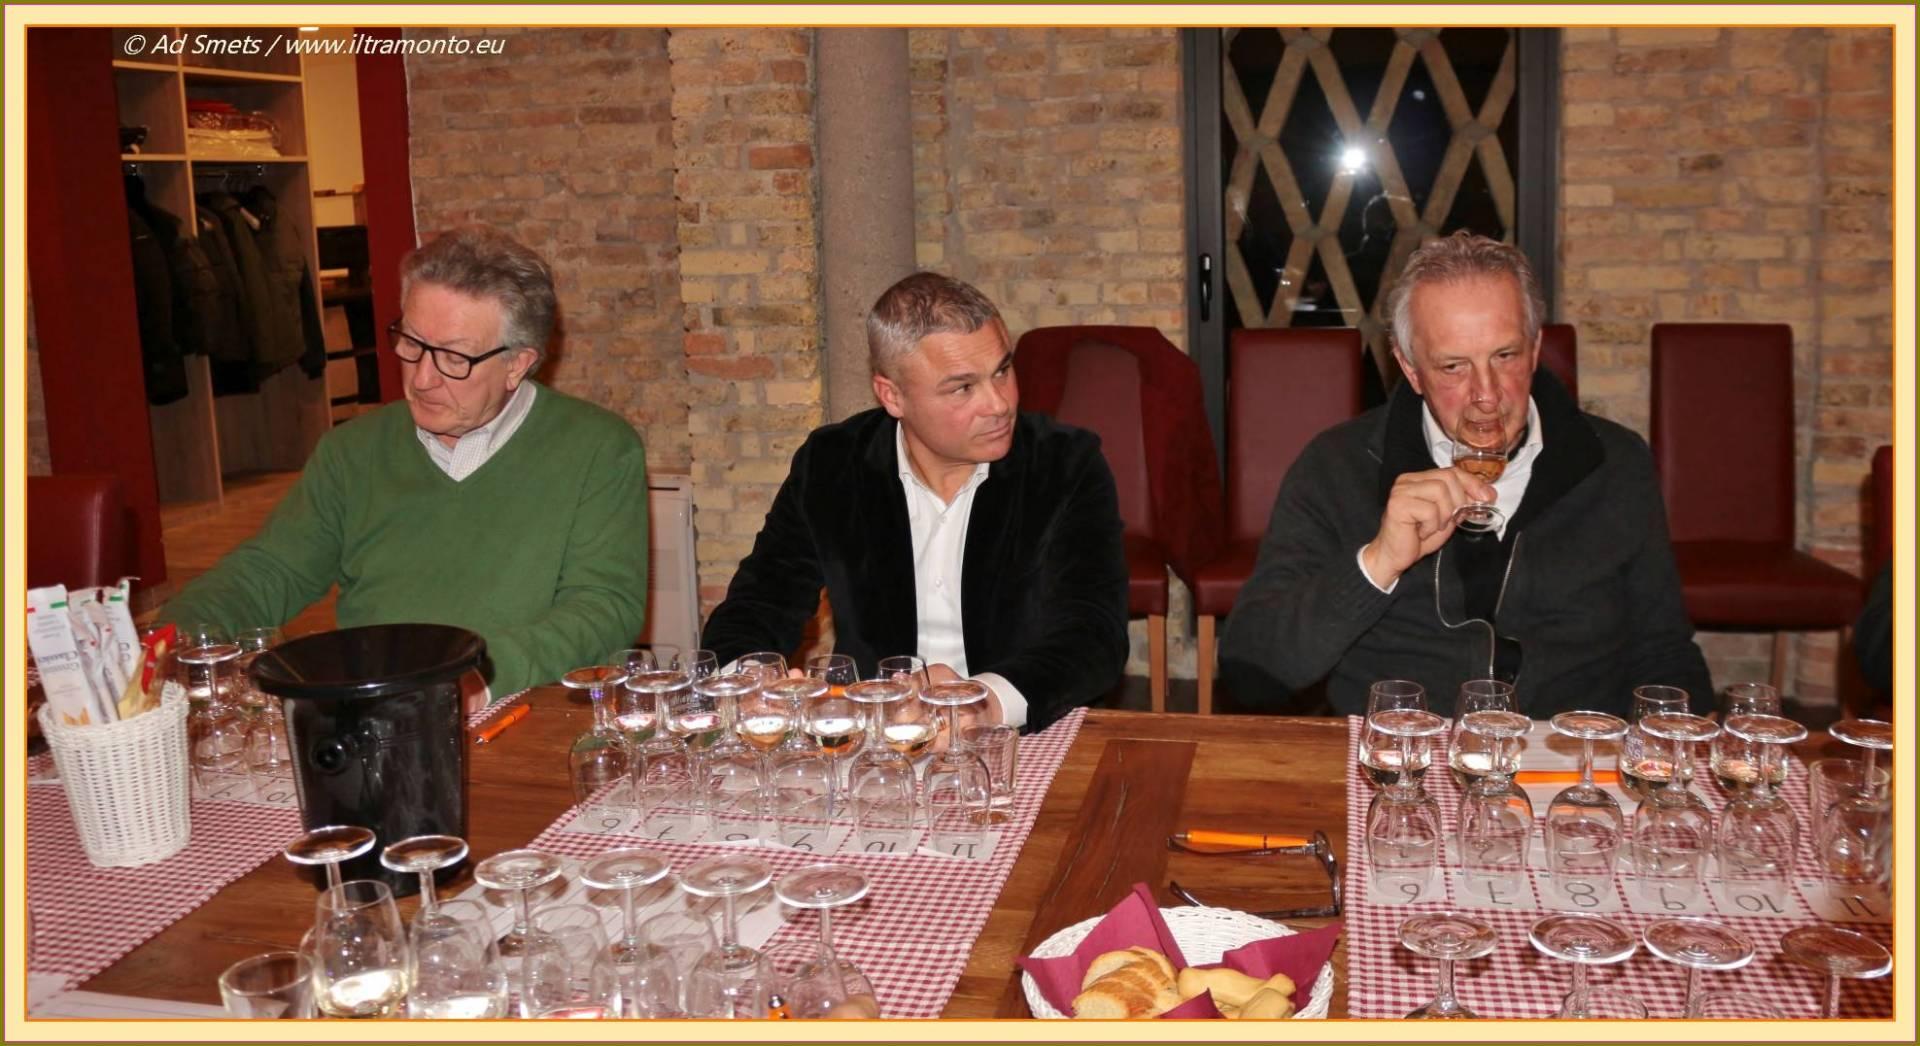 sergio-bortolusso_7554_il-tramonto-wines